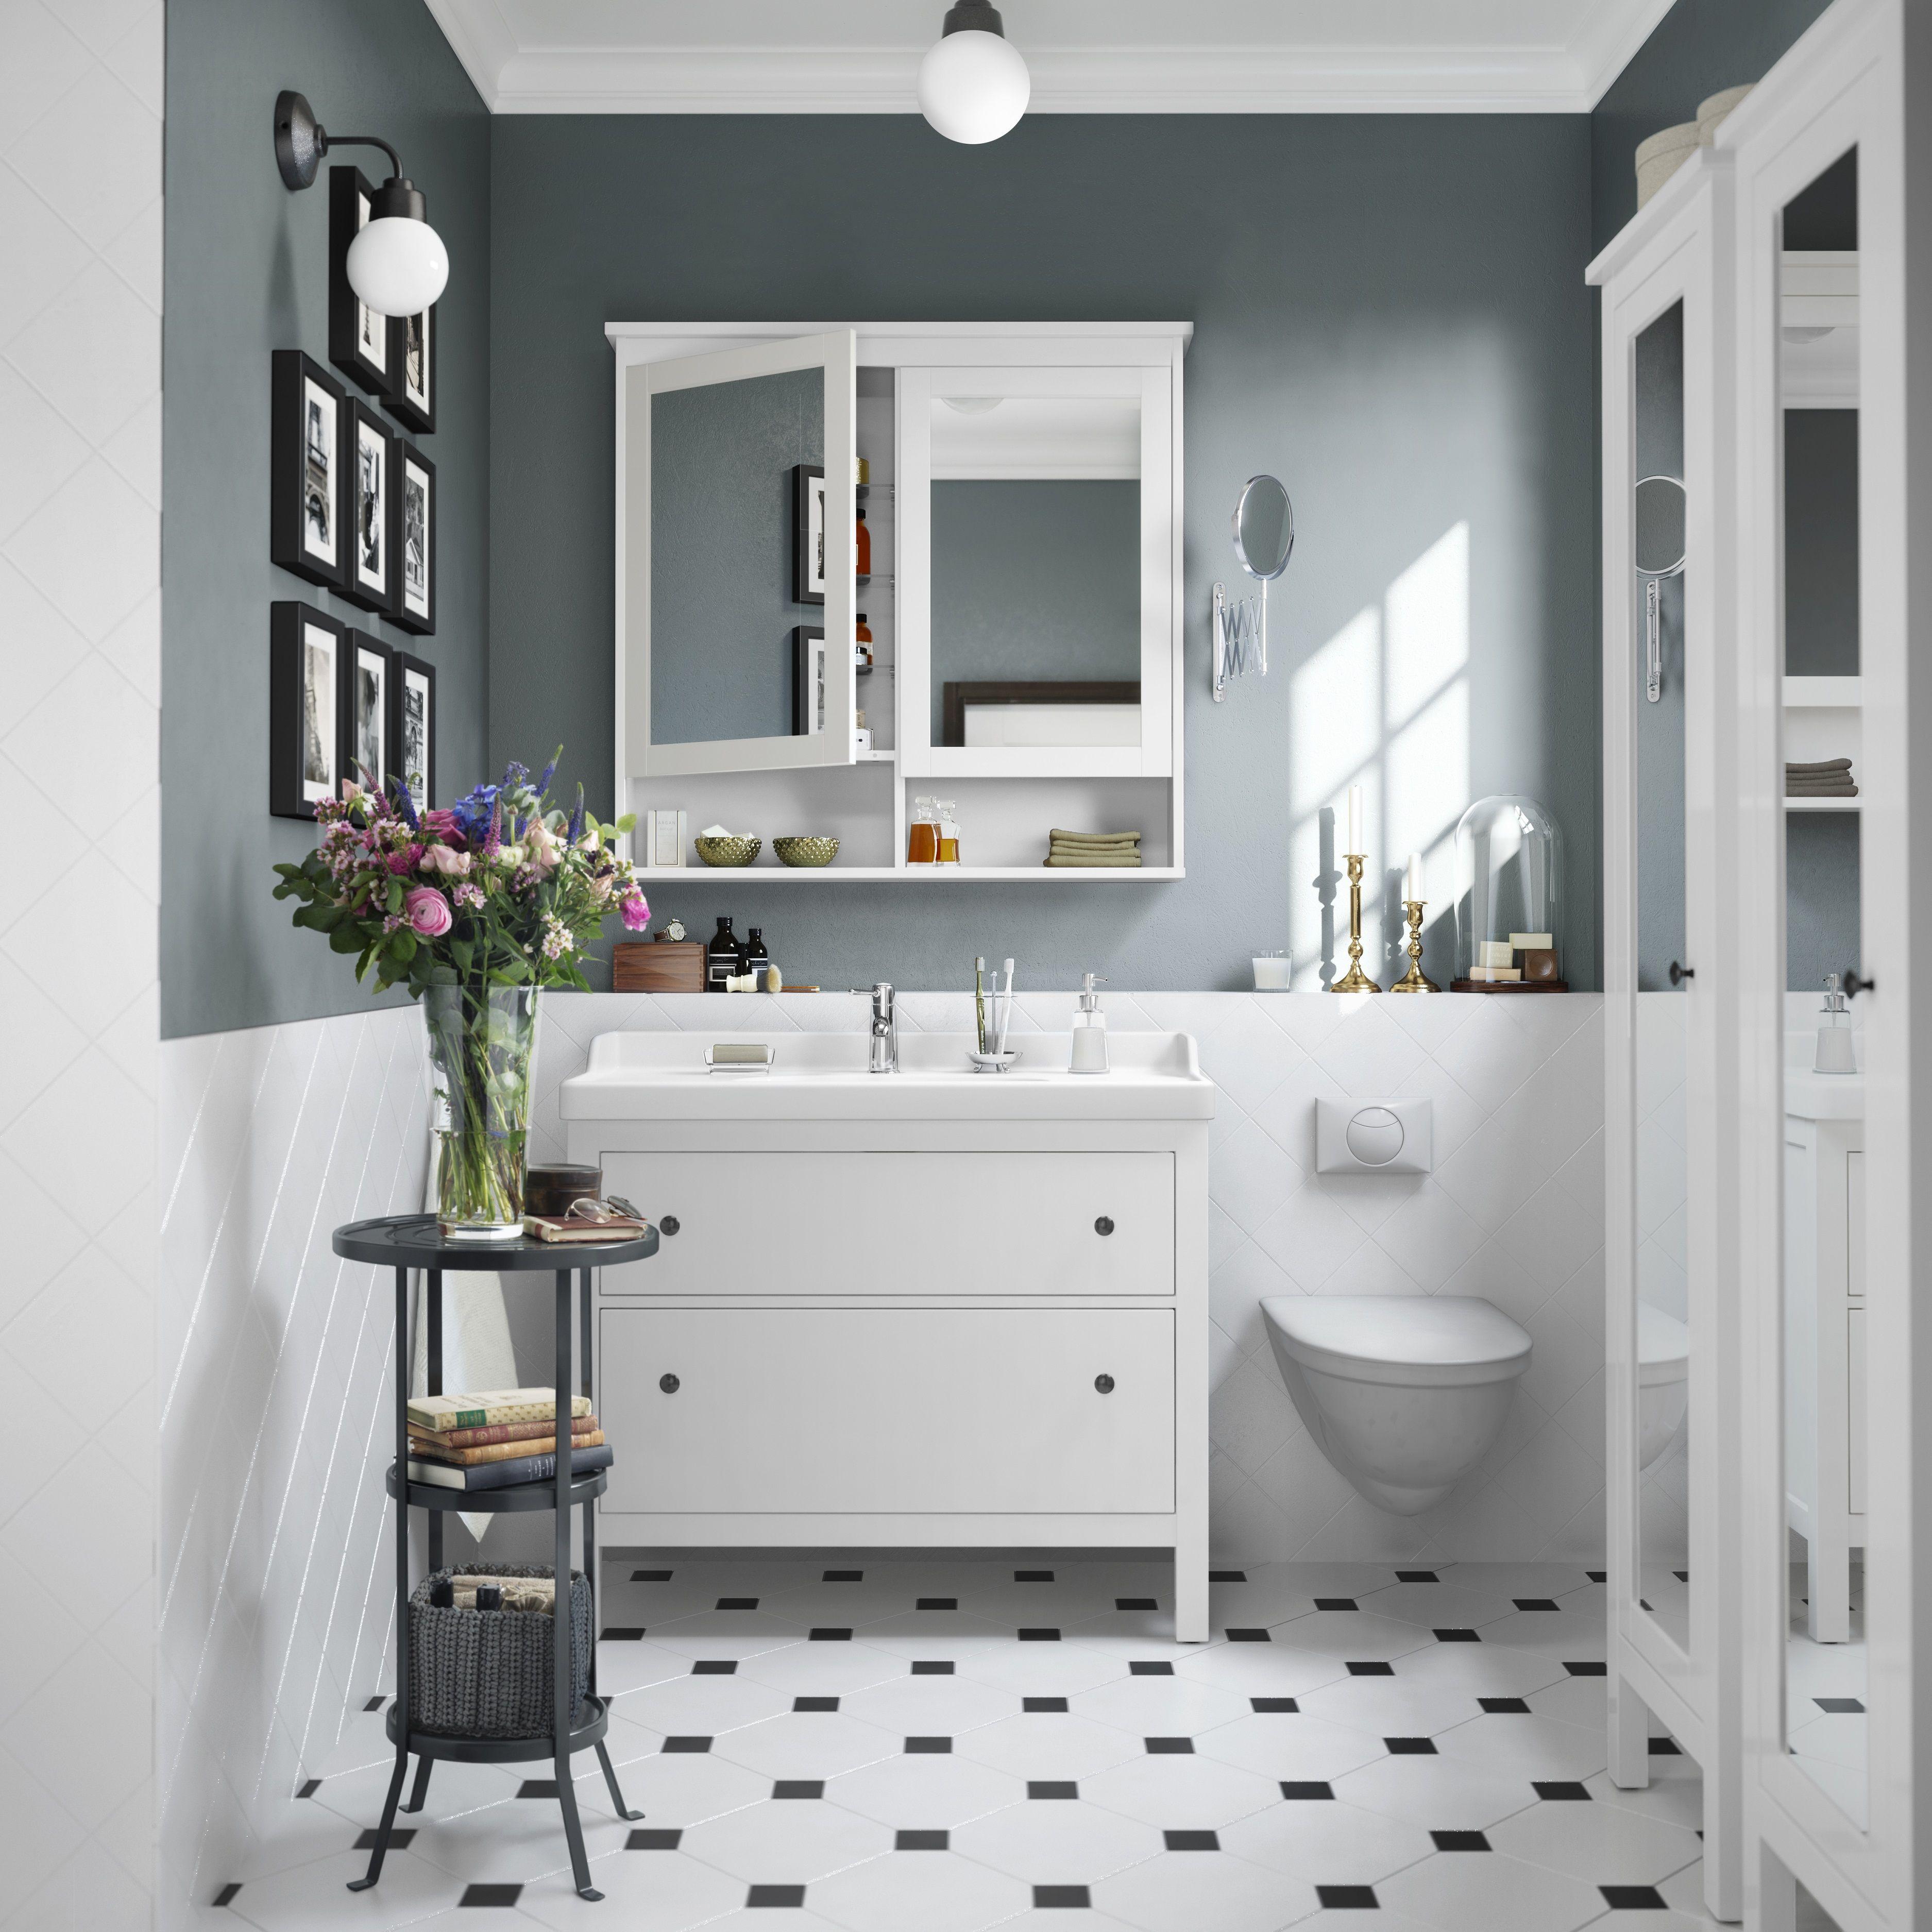 Badezimmer eitelkeiten mit lagerung hemnes  odensvik kast voor wastafel met  lades wit  bathroom